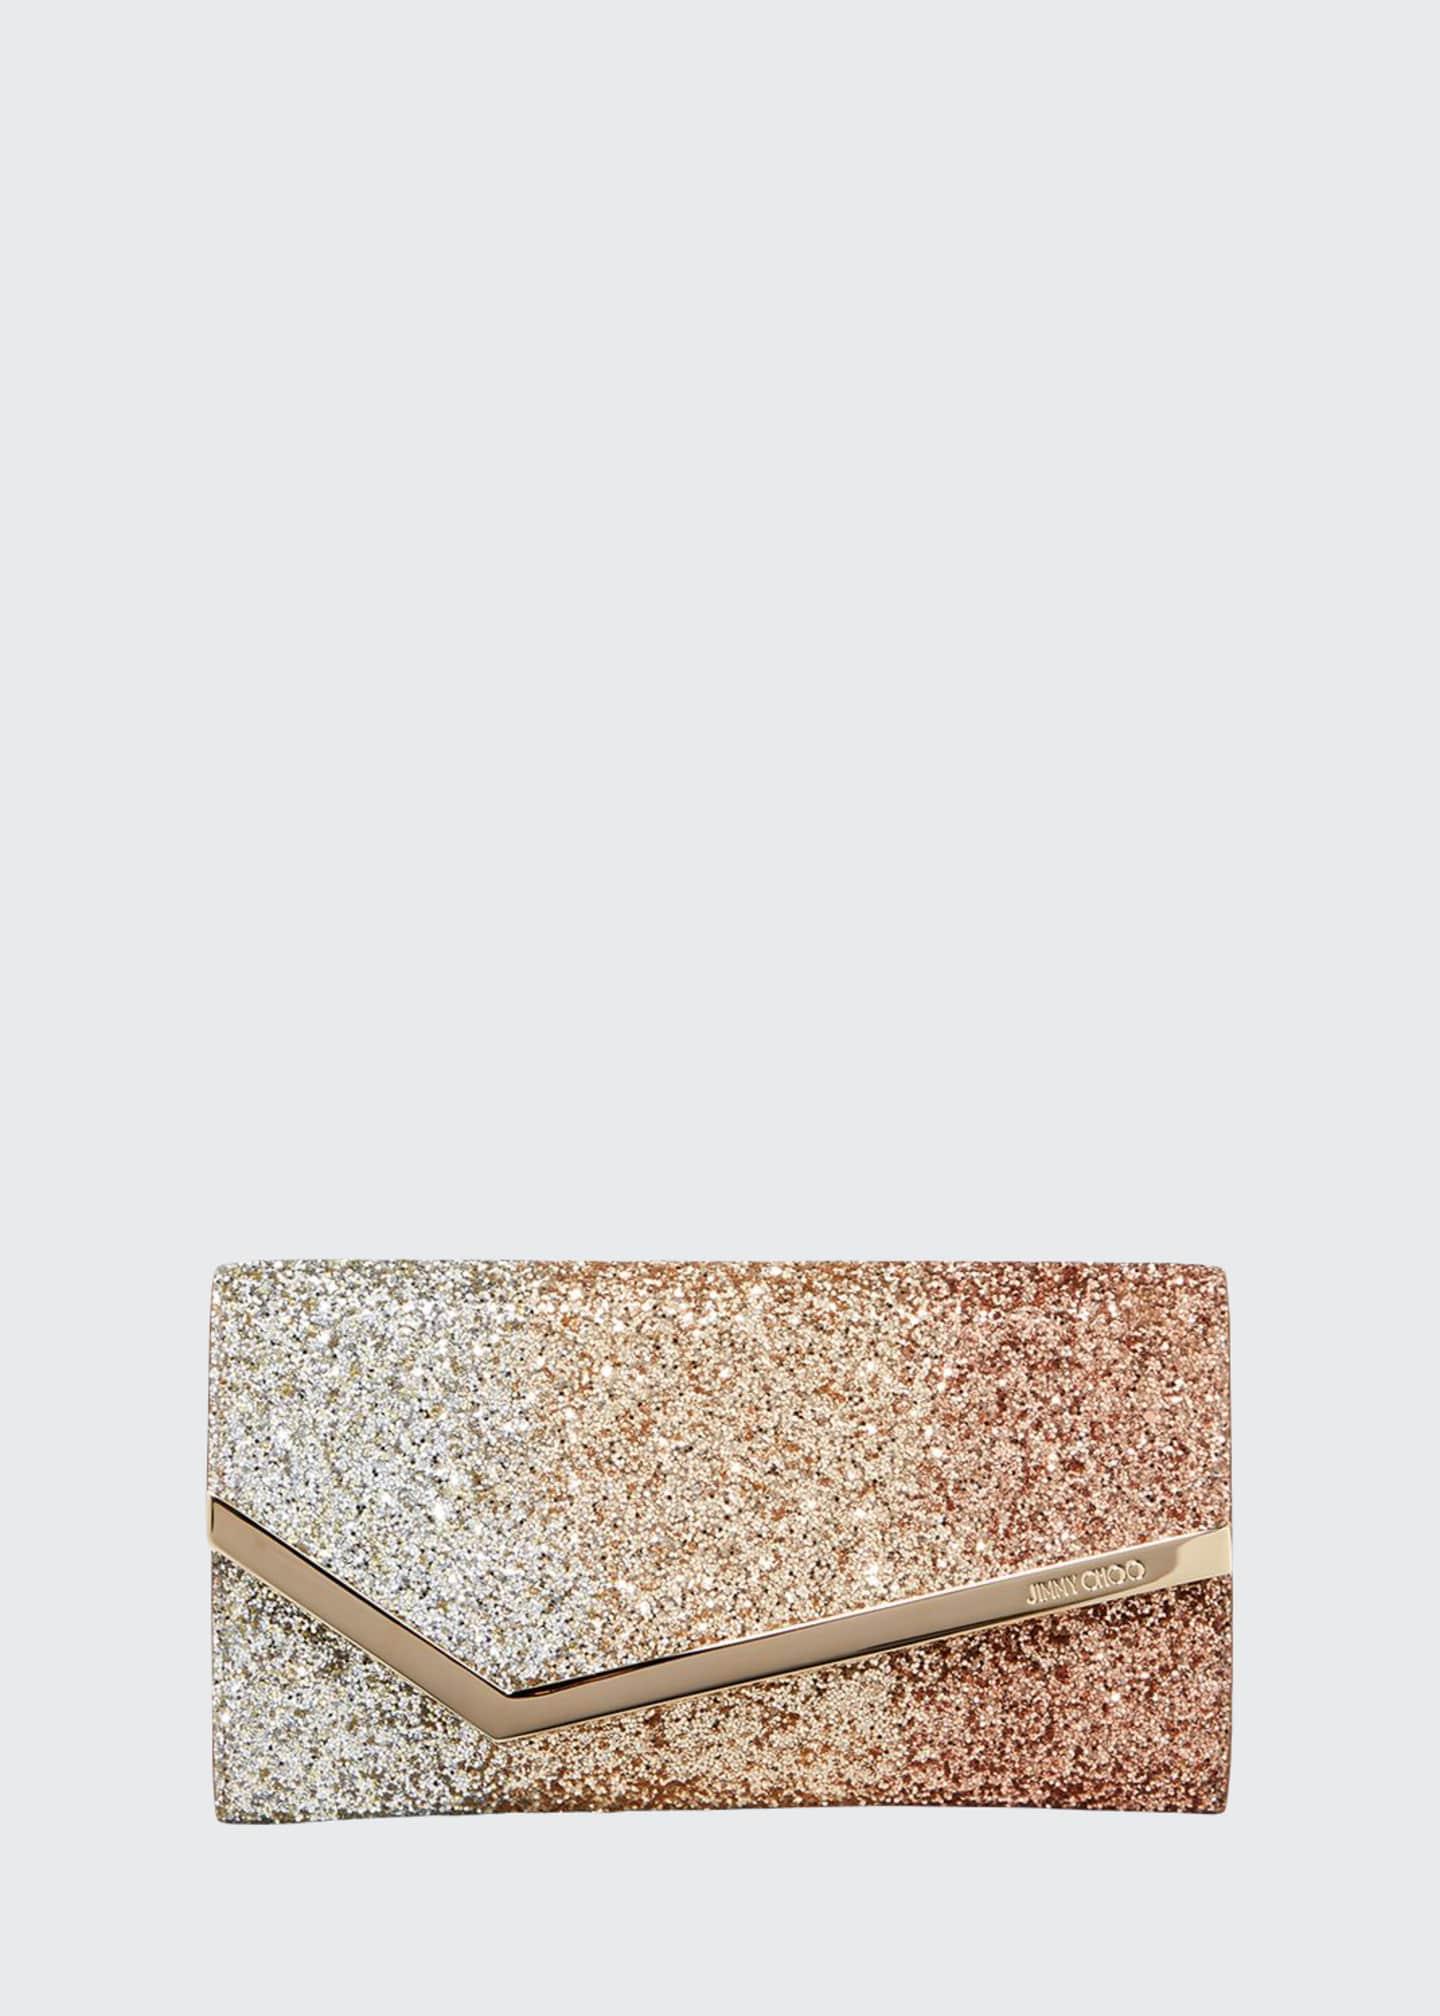 Jimmy Choo Emmie Triple Degrade Glitter Clutch Bag